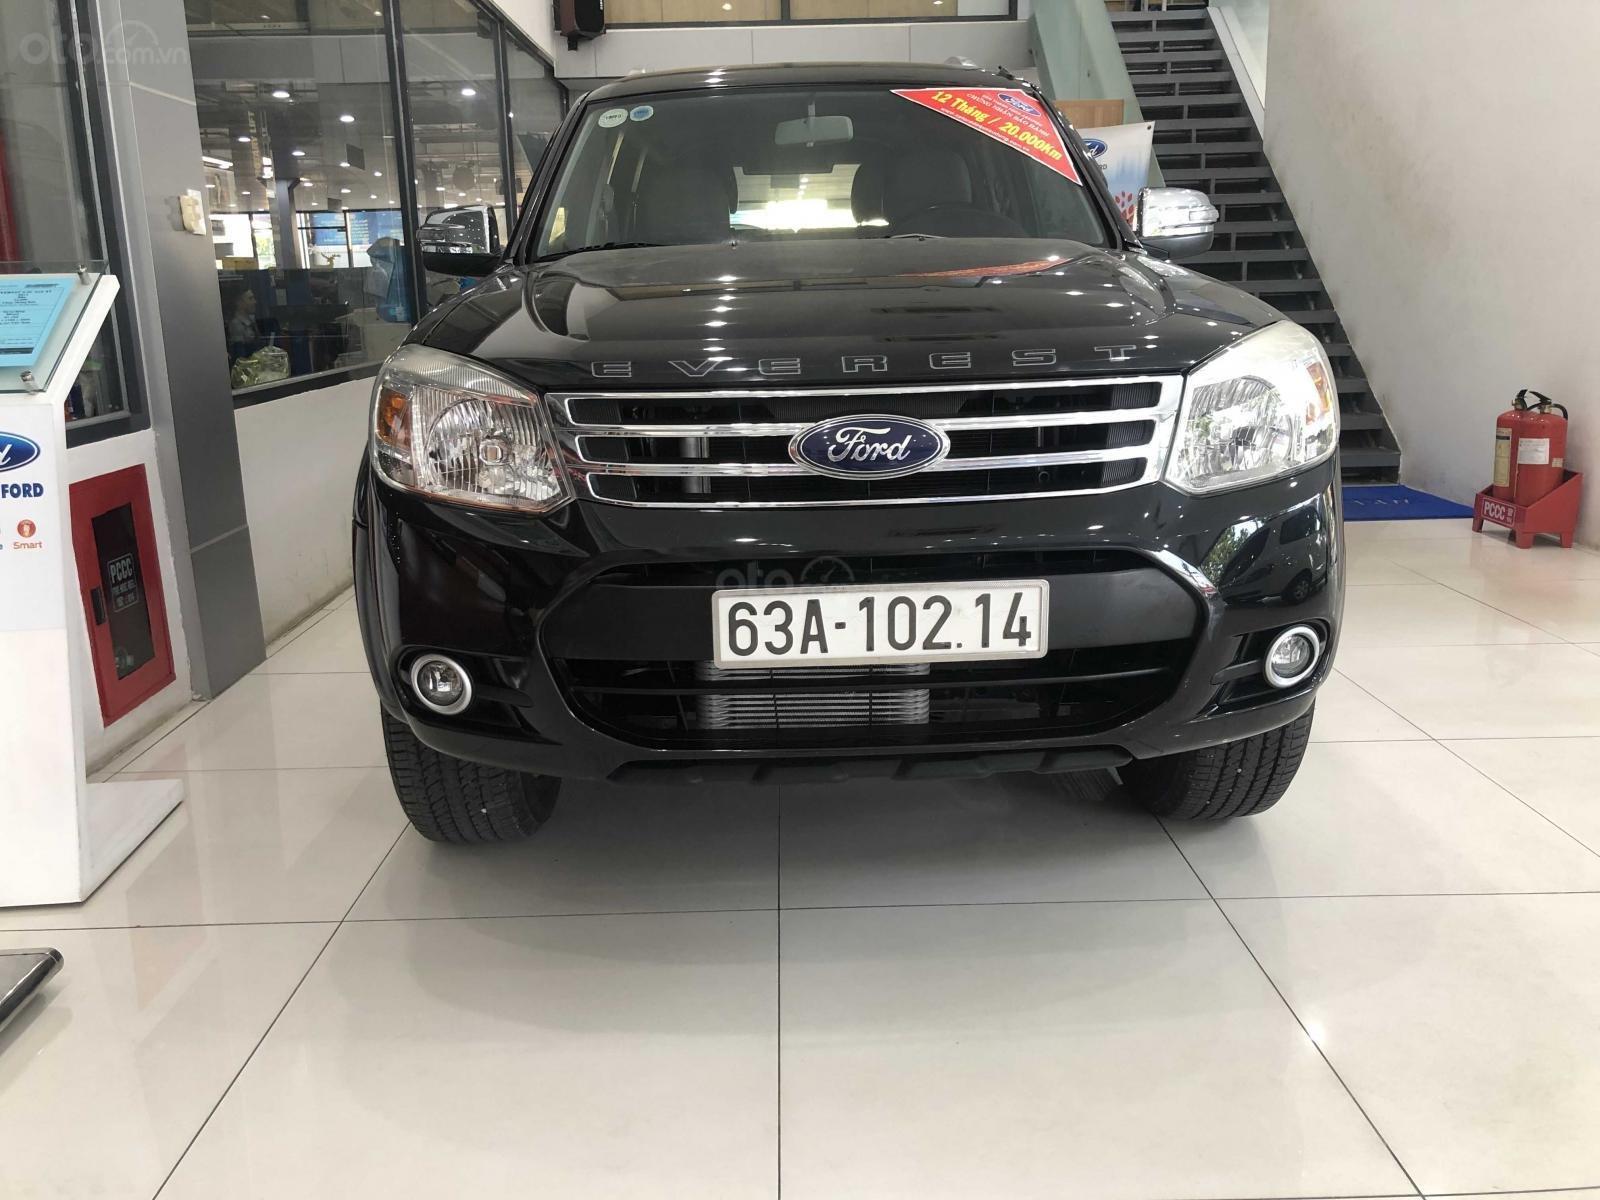 Cần bán Ford Everest đăng ký lần đầu 2014, màu đen xe nhập giá tốt 579 triệu đồng (2)